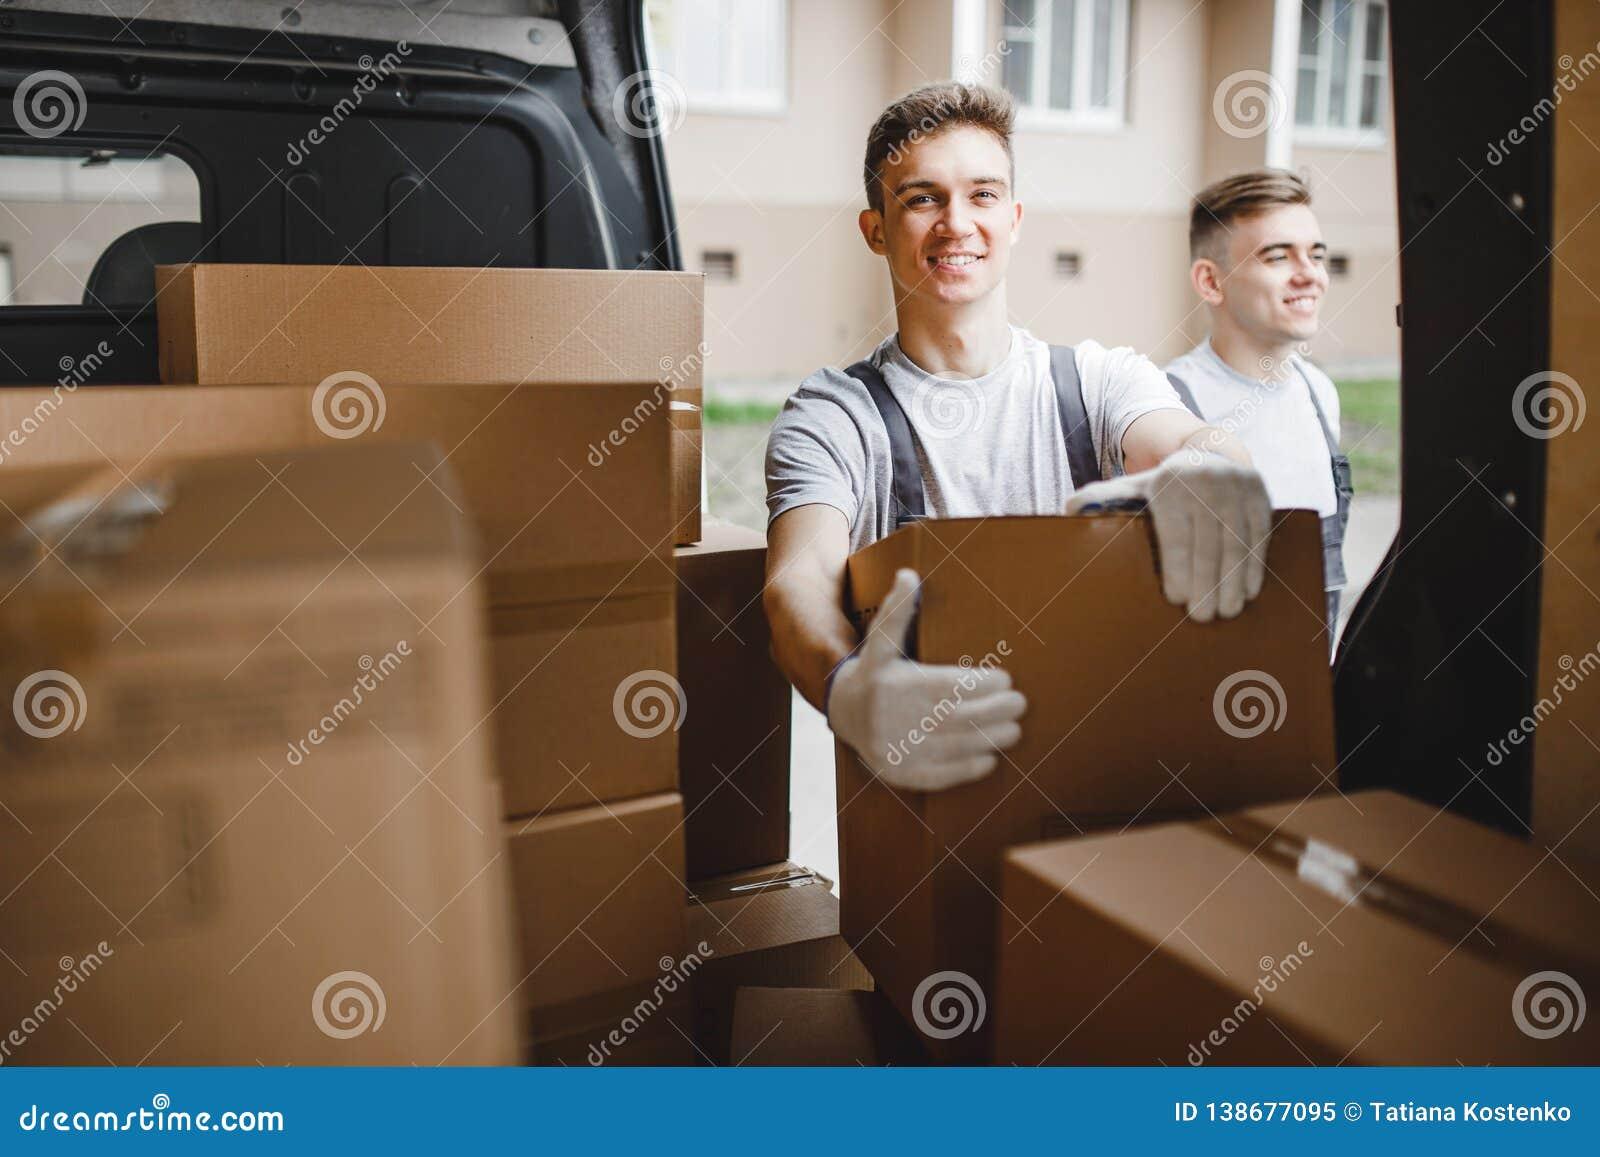 Due giovani lavoratori bei che portano le uniformi stanno stando accanto al furgone in pieno delle scatole r